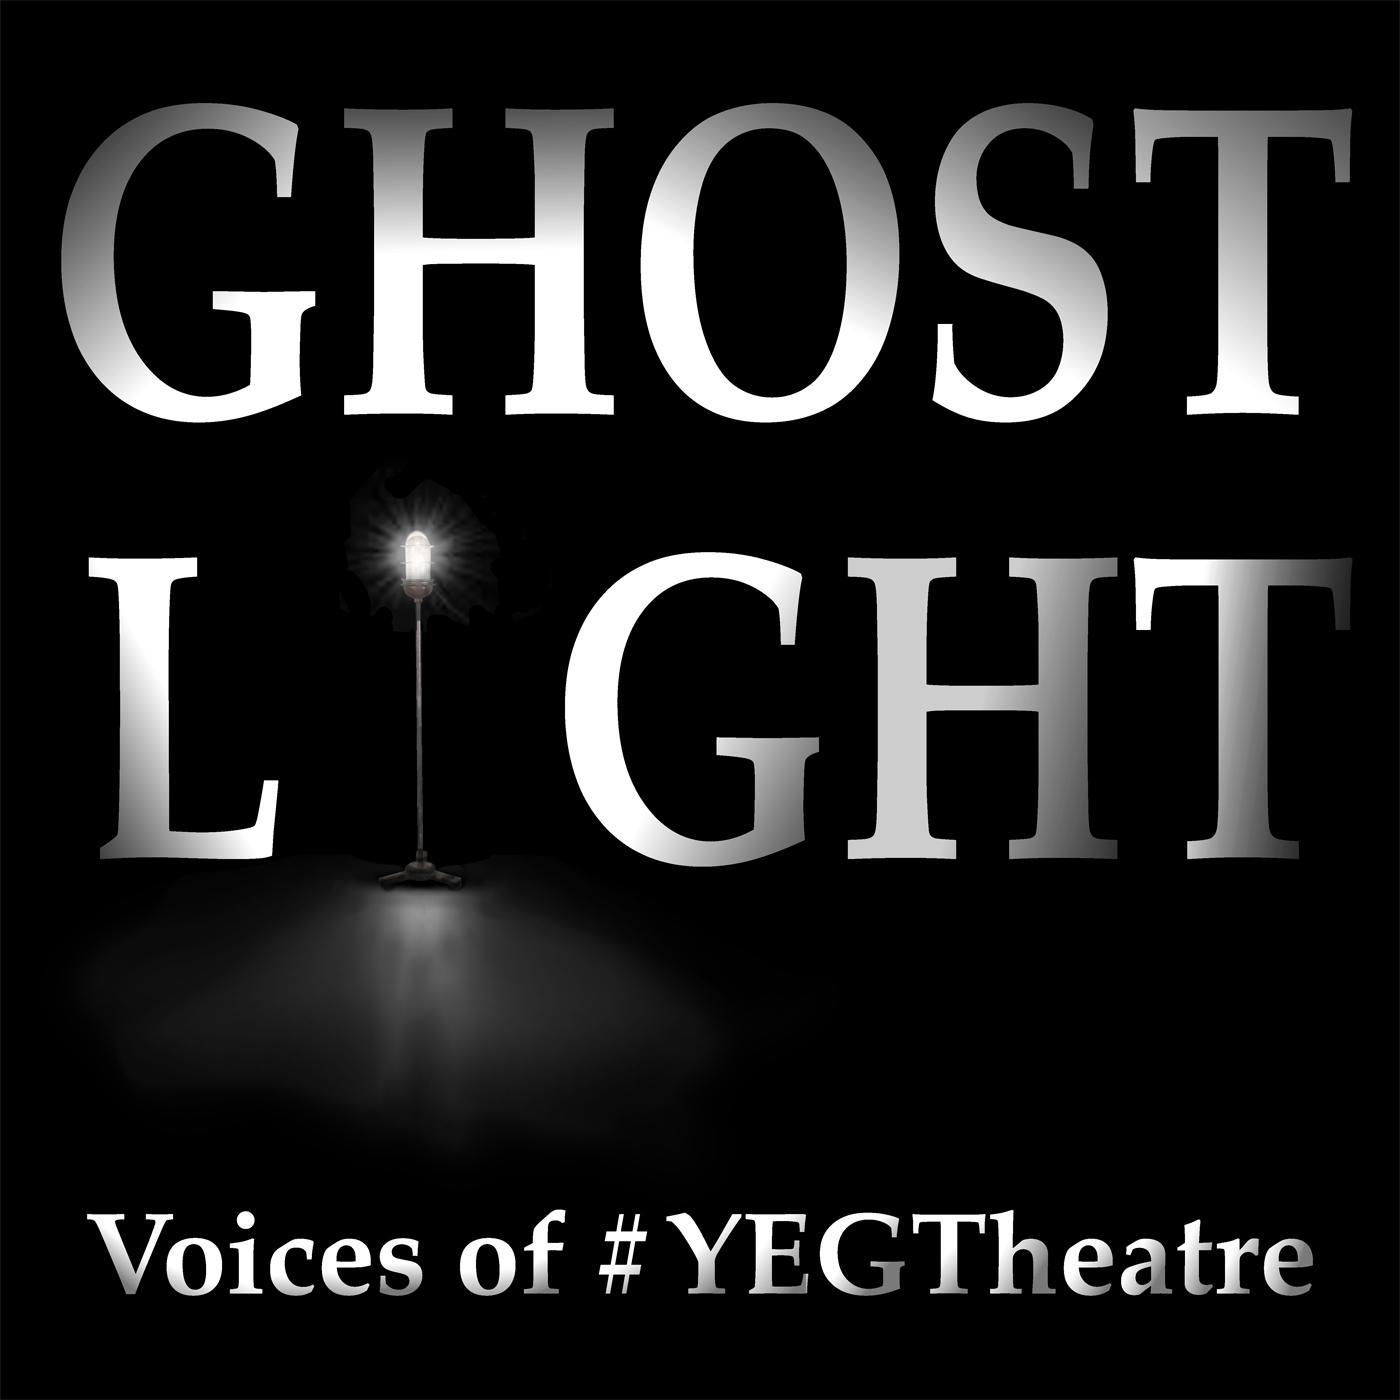 Ghost Light show art